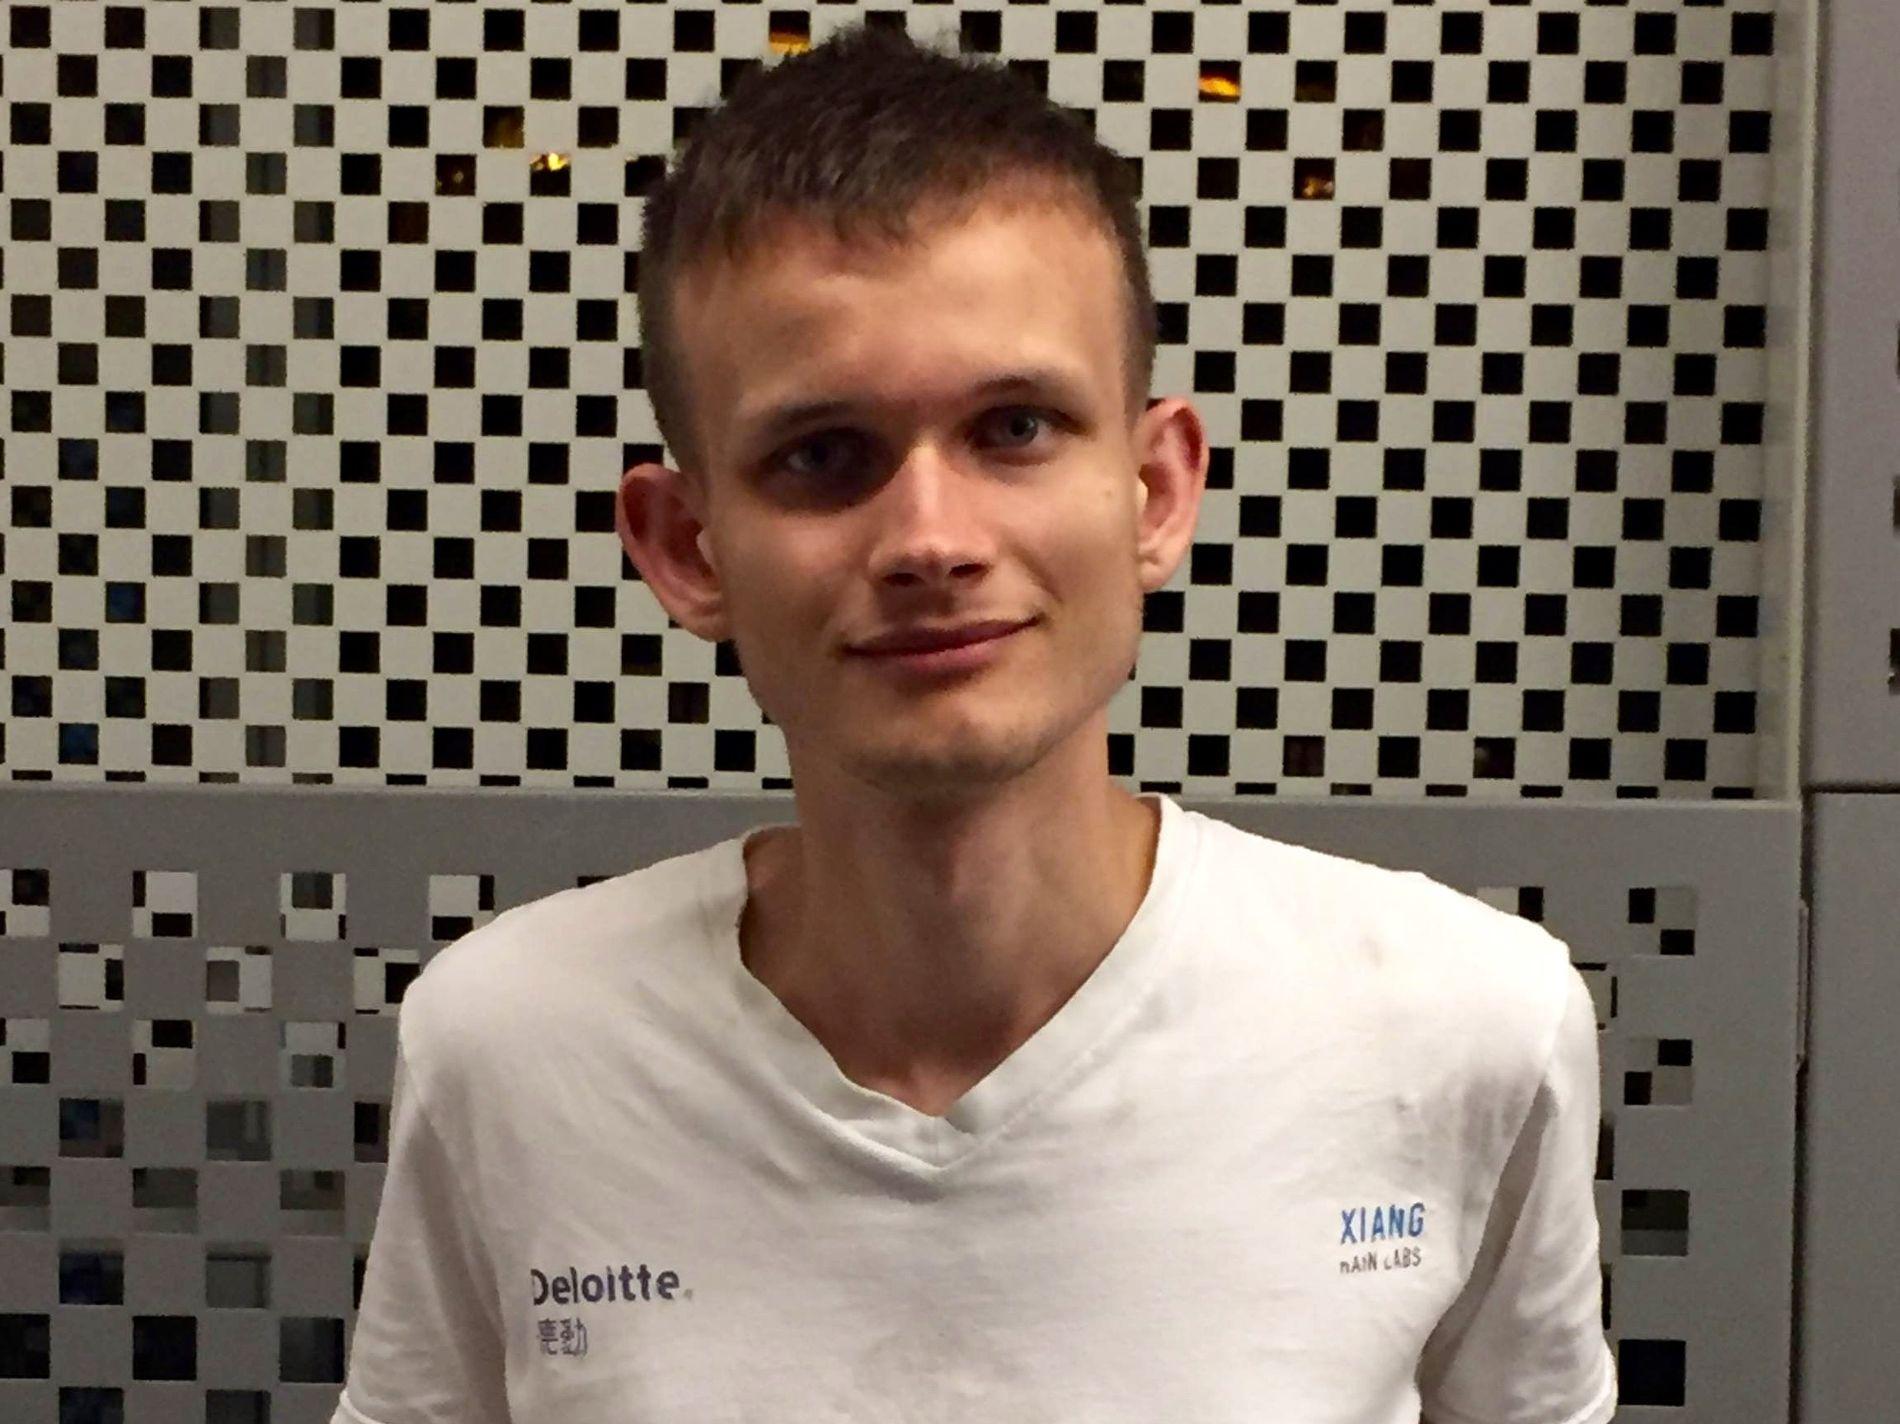 GENIERKLÆRT: Den 23 år gamle russeren Vitalik Buterin er en av grunnleggerne av ethereum.